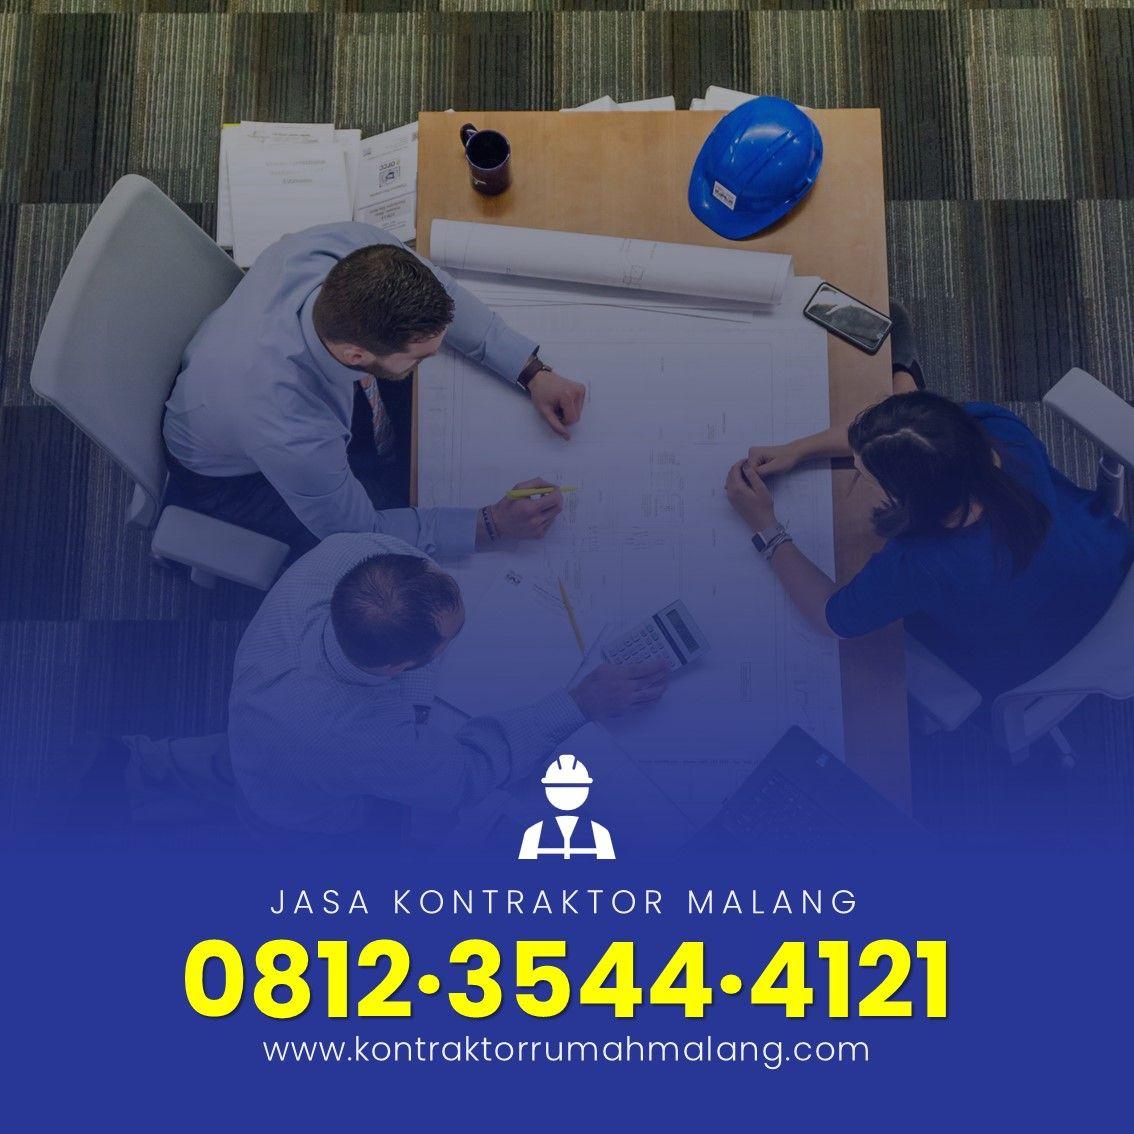 Jasa konsultan manajemen konstruksi